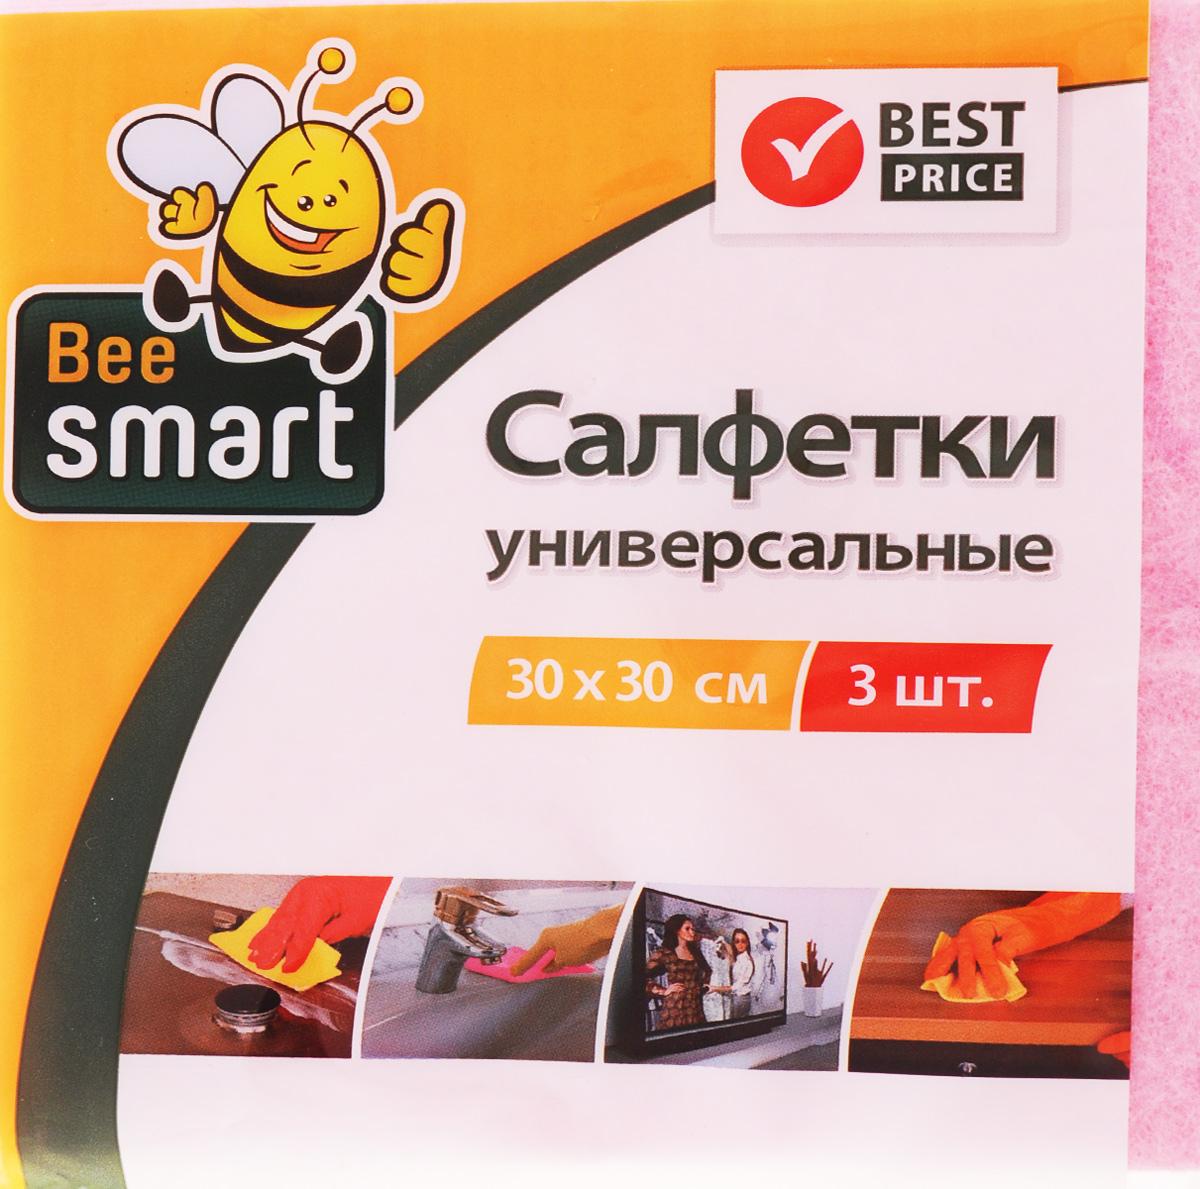 Набор универсальных салфеток Beesmart, 30 х 30 см, 3 штNN-604-LS-BUНабор Beesmart, выполненный из нетканого полотна (вискоза, полиэстер), состоит из 3 салфеток. Изделия предназначены для сухой и влажной уборки. Отлично впитывают жидкости, жиры, масла. Пригодны для многоразового использования, долговечны, не оставляют следов и ворсинок. Размер салфетки: 30 х 30 см.